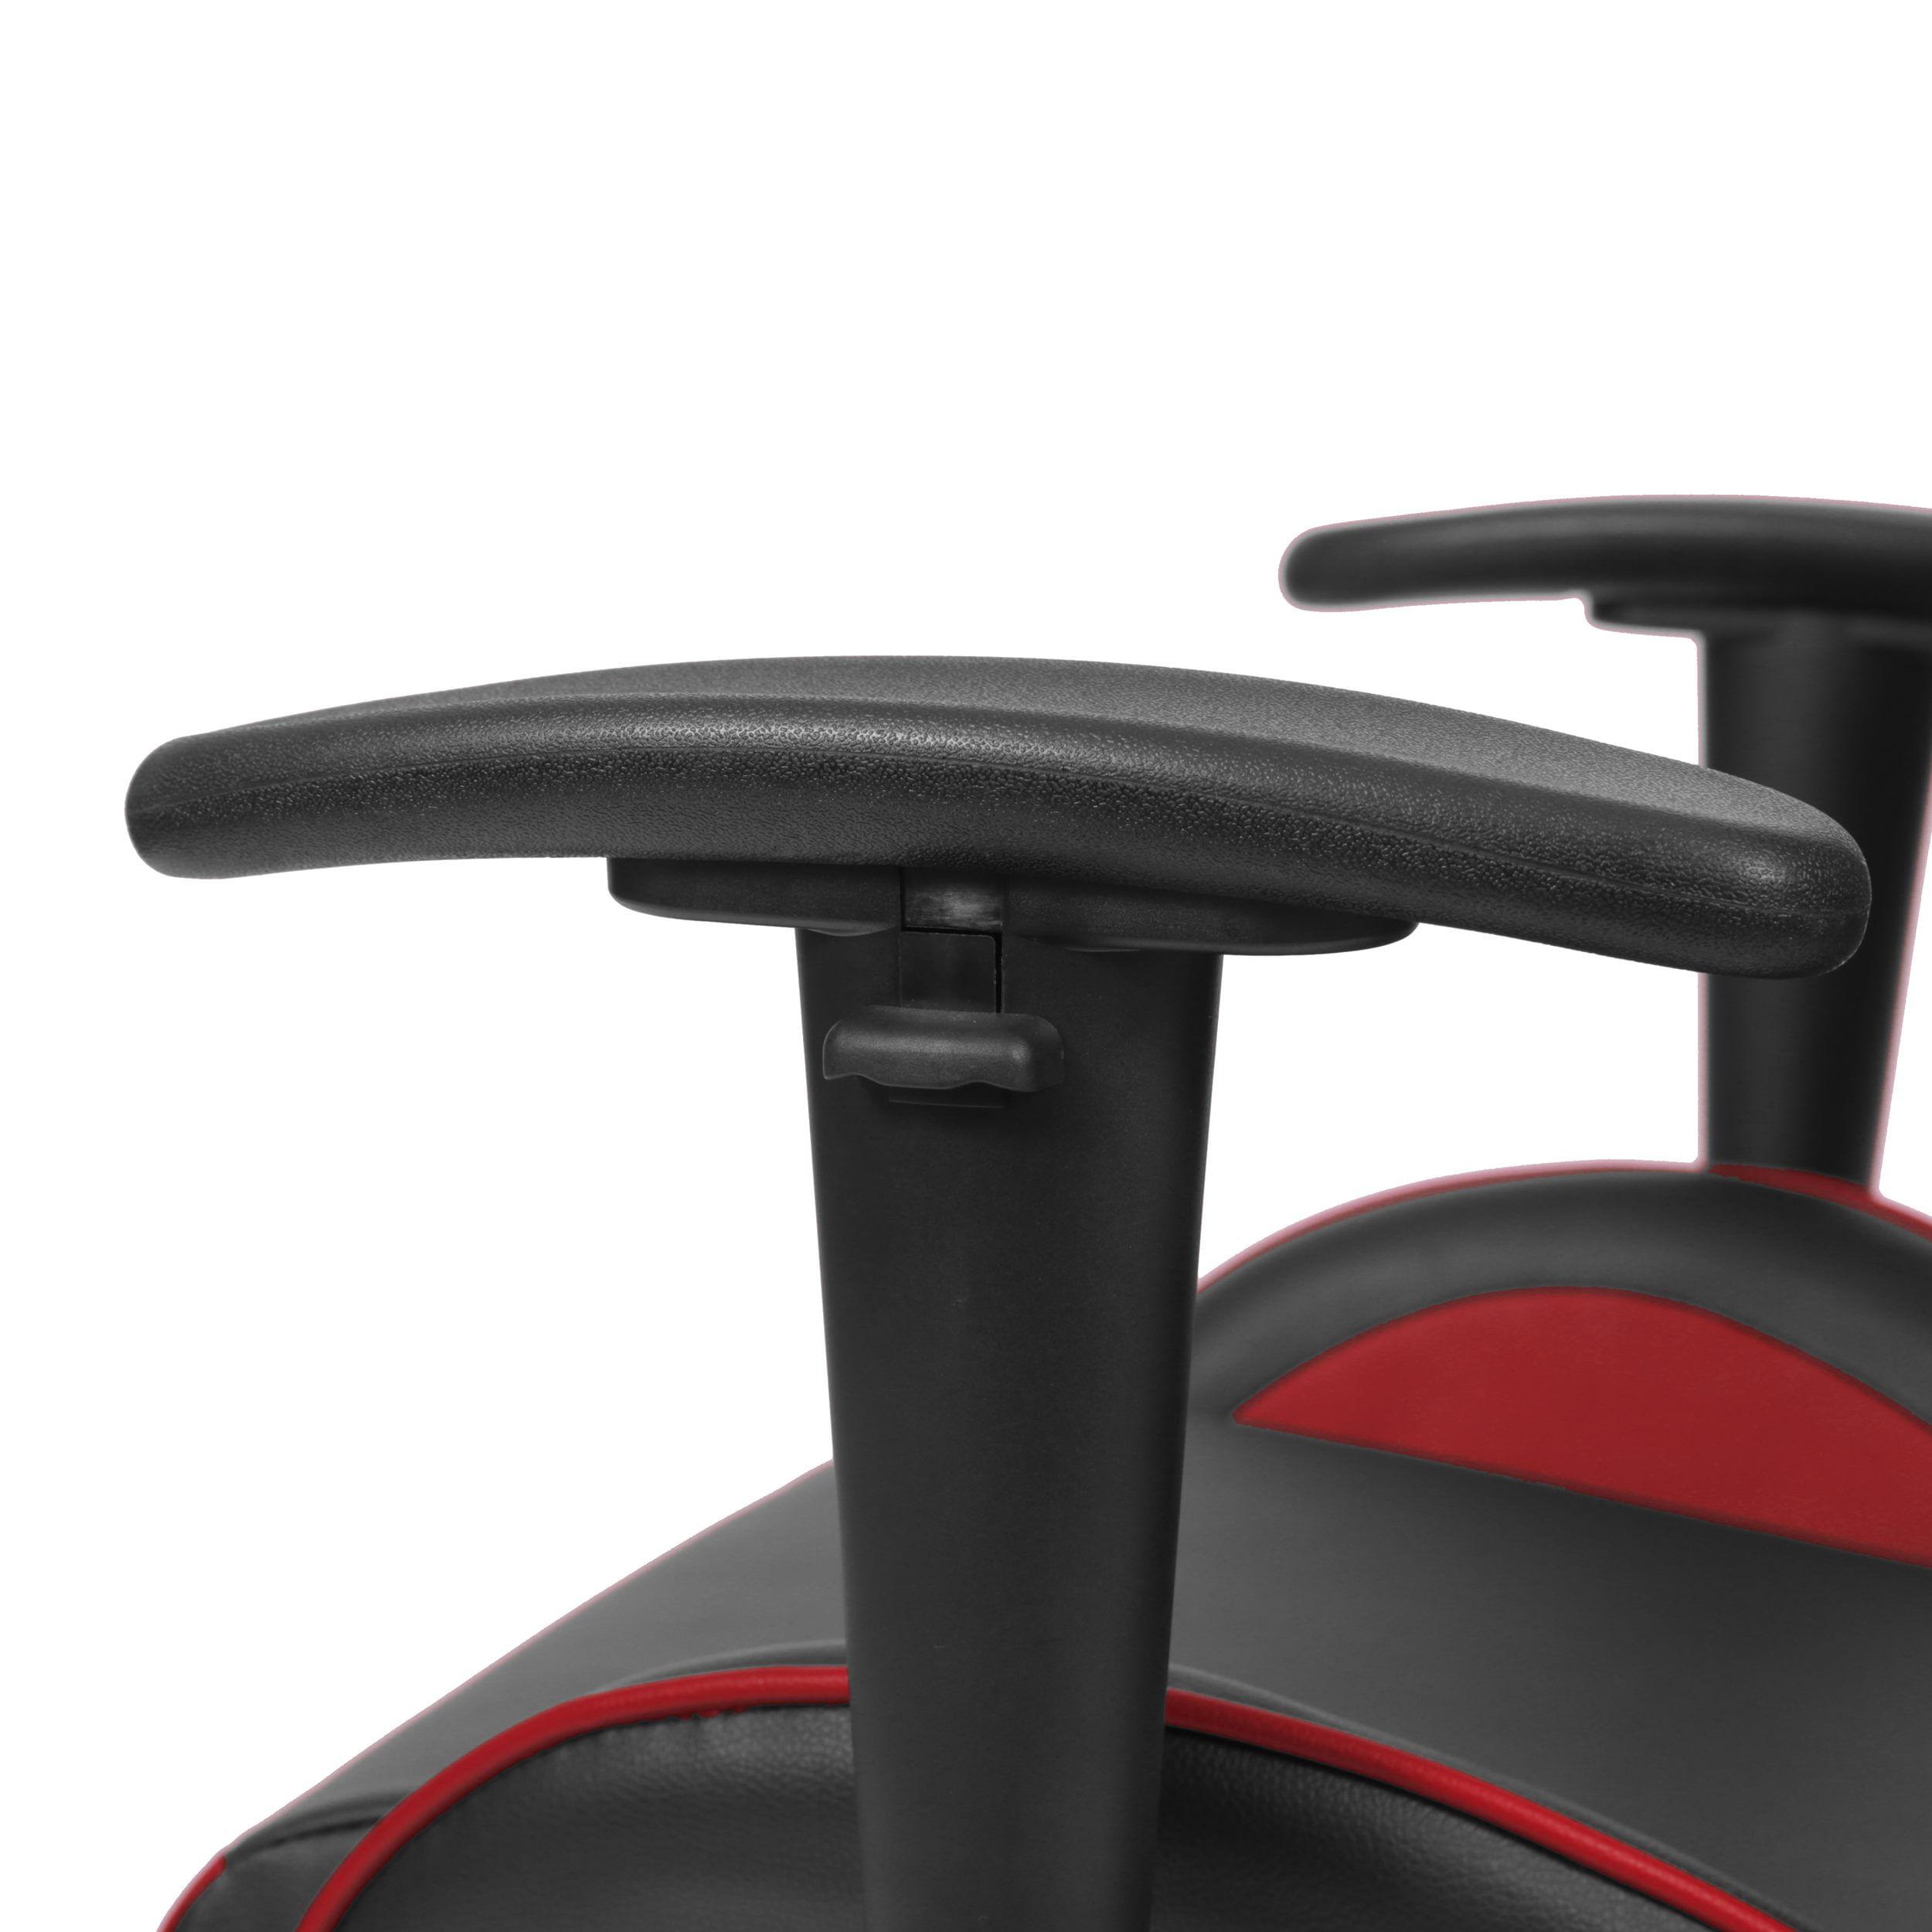 Cadeira Office Gamer Fun em Courissimo Cor Preta e Vermelha com Base Nylon - 51837